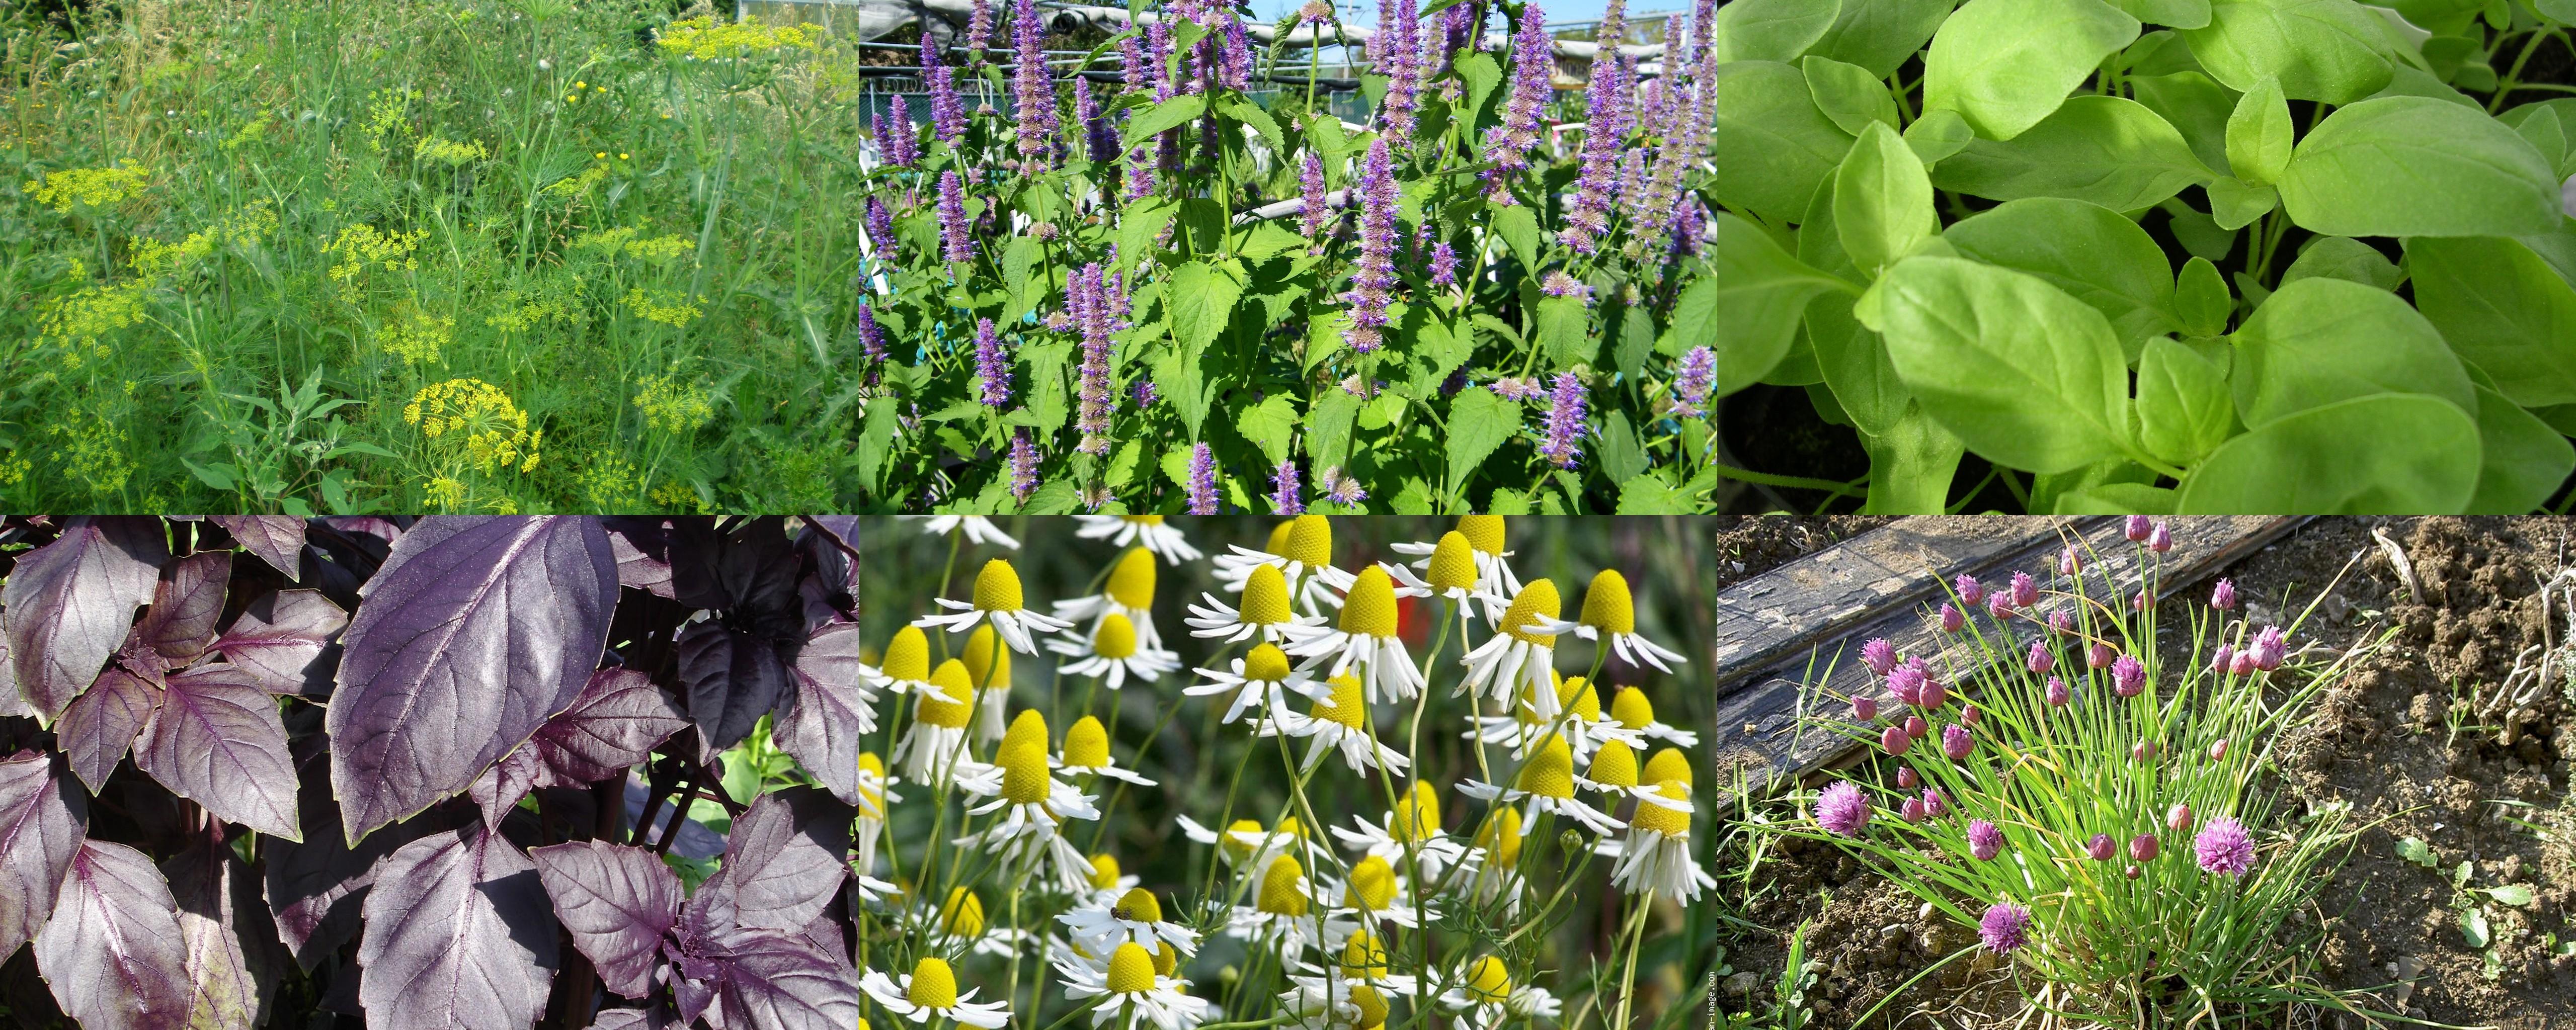 Les nouvelles plantes pour 2016 achat group de semences for Achat plante